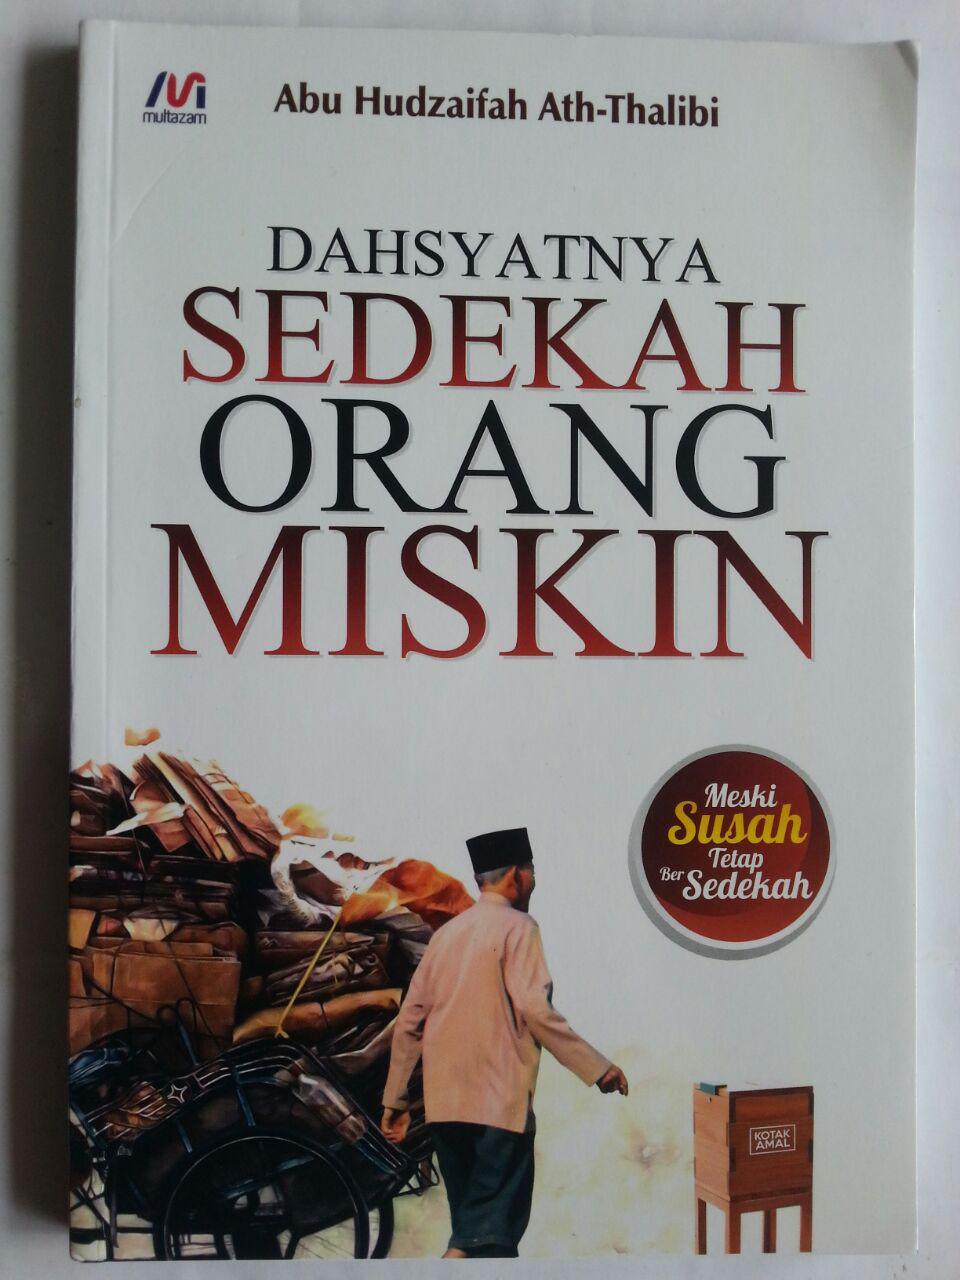 Buku Dahsyatnya Sedekah Orang Miskin cover 2